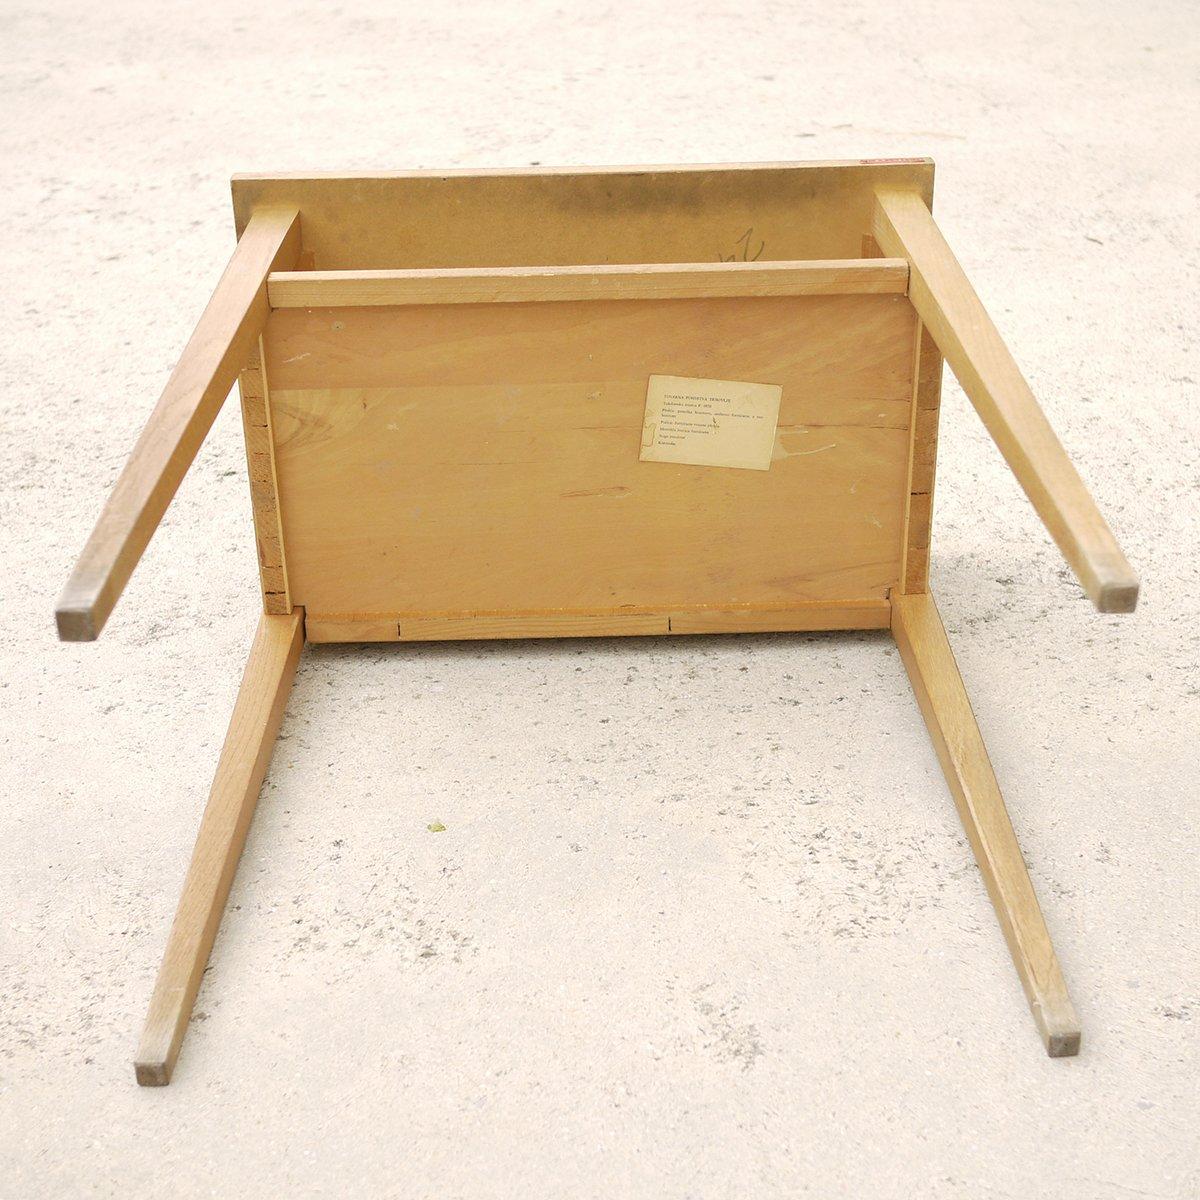 vintage beistelltisch aus holz mit gr ner tischplatte bei pamono kaufen. Black Bedroom Furniture Sets. Home Design Ideas